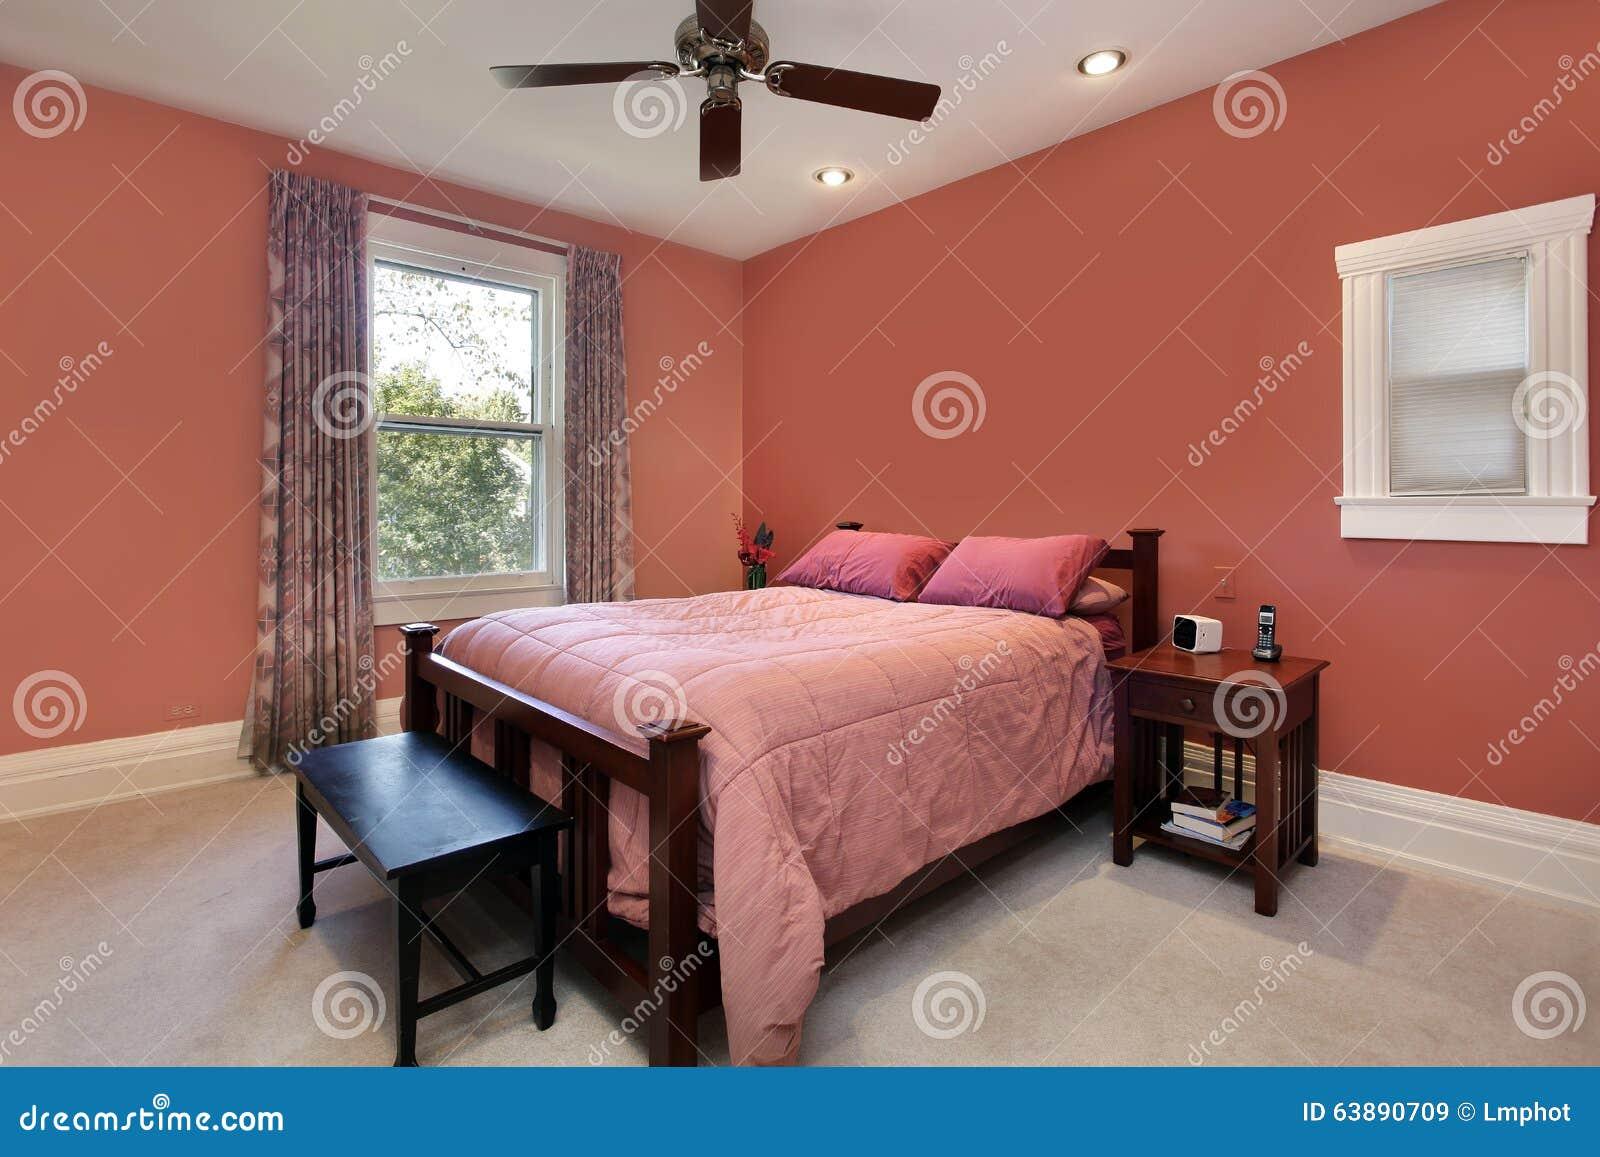 Hoofd slaapkamer met perzik gekleurde muren royalty vrije stock ...